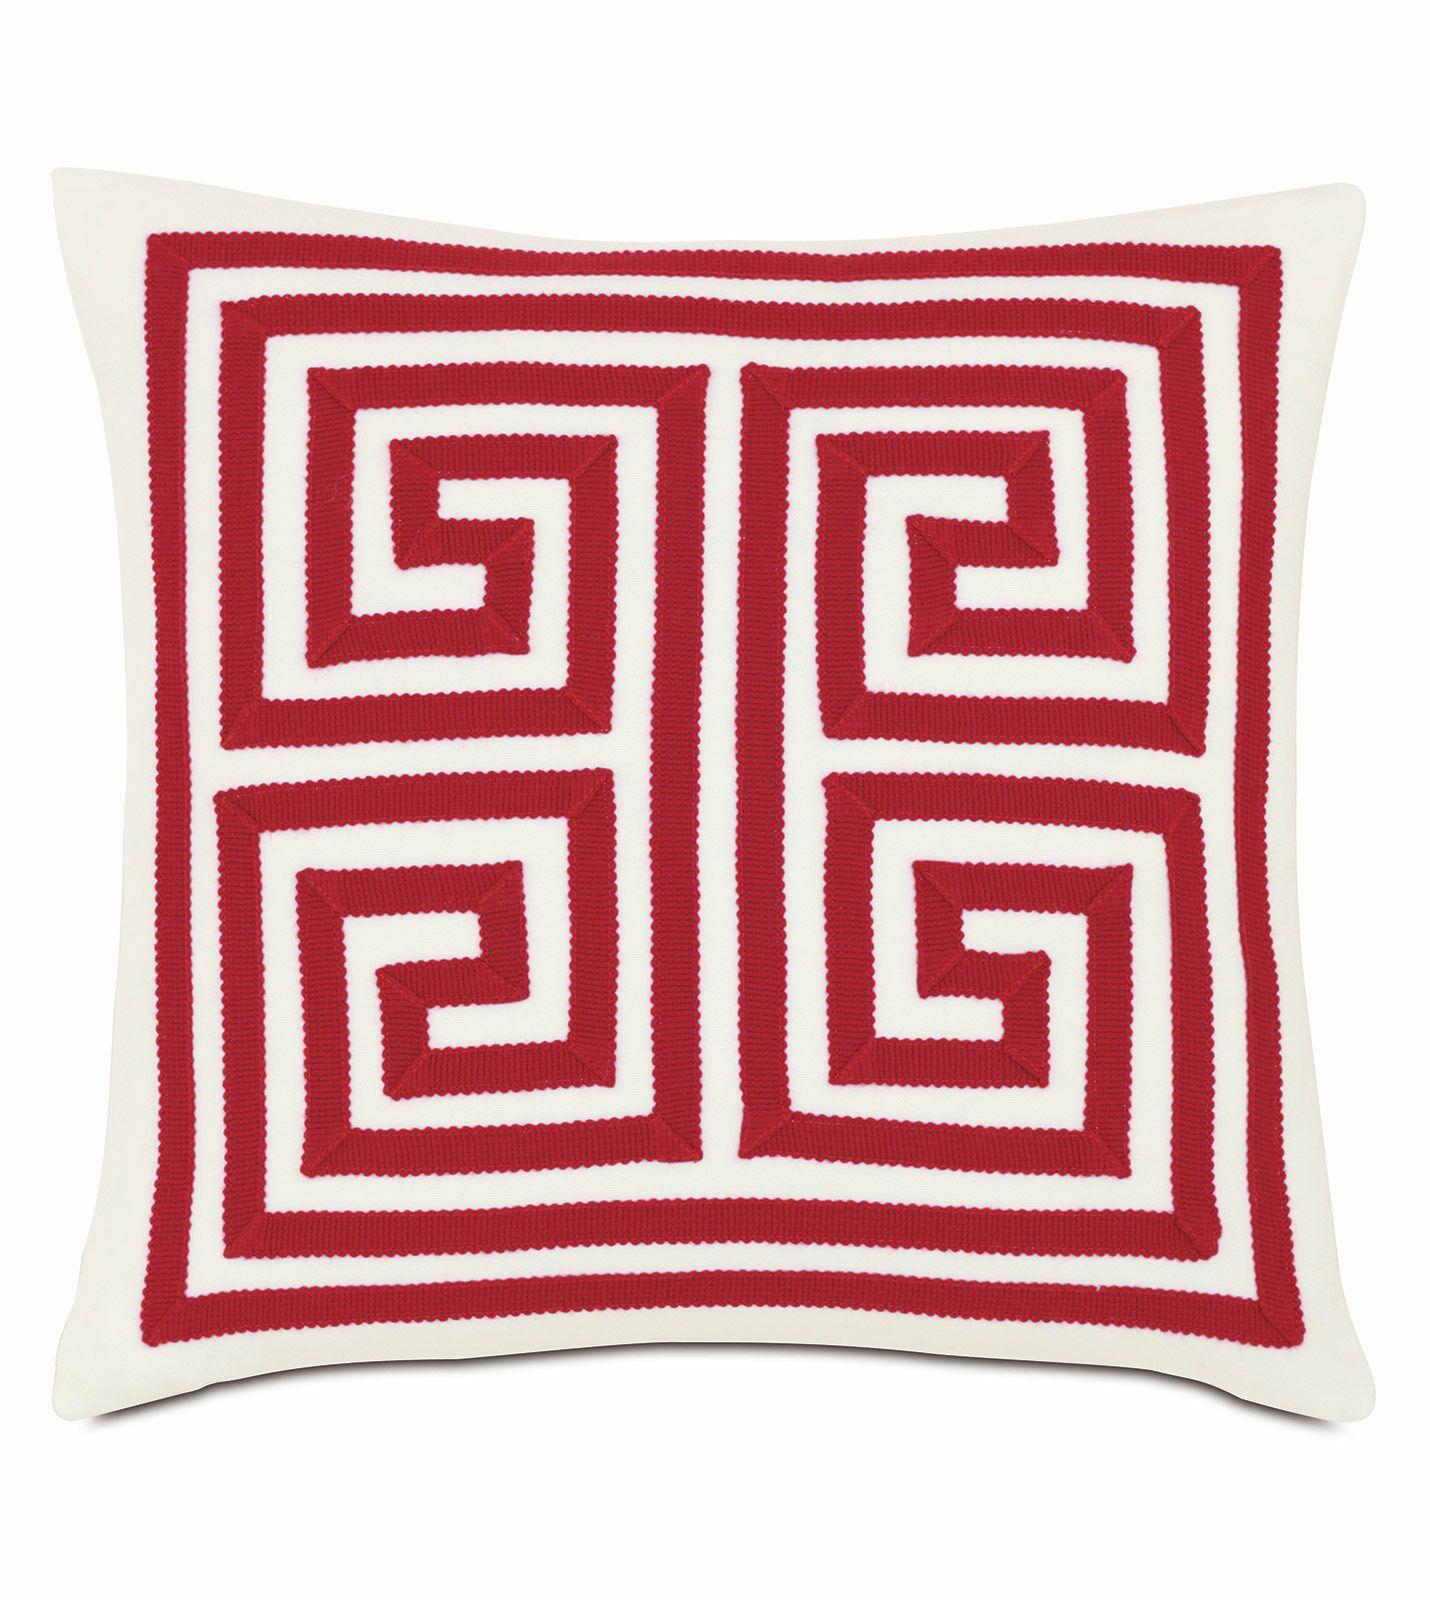 Studio 773 Indoor/Outdoor Throw Pillow Color: Red